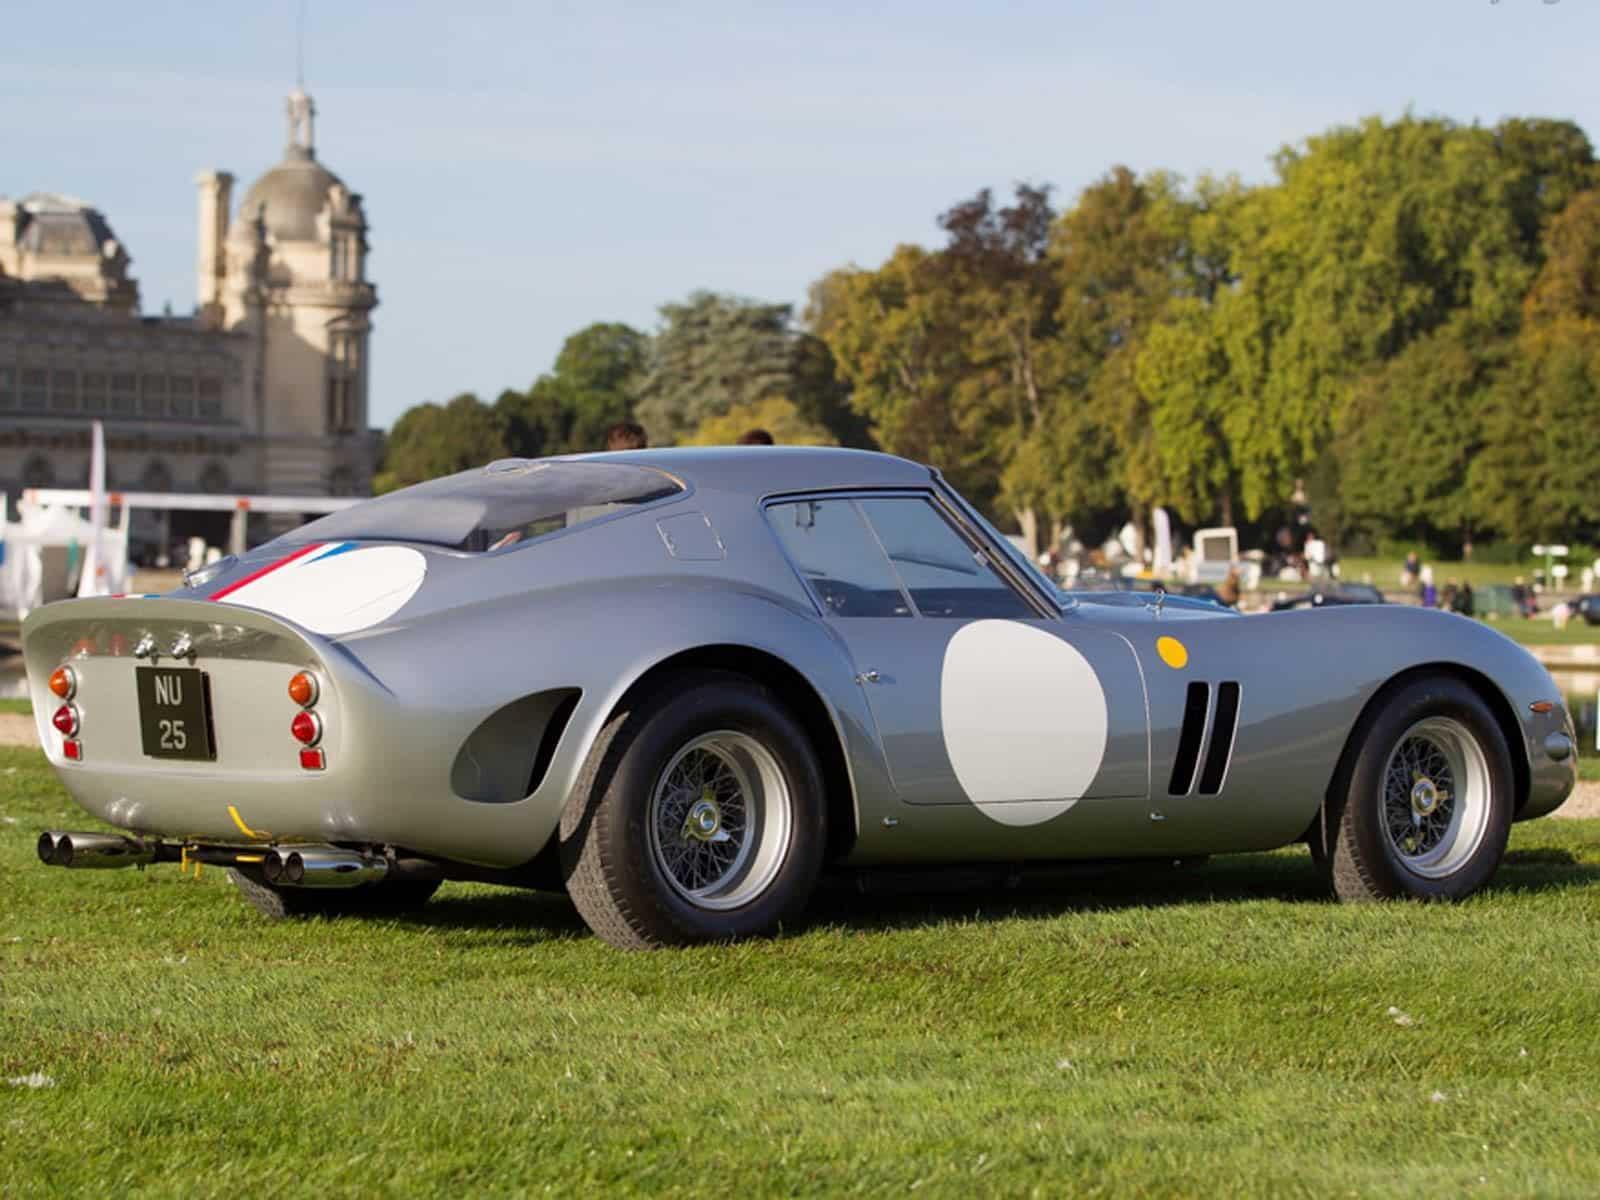 Ferrari 250 GTO4153 GT 44.889.000 euros